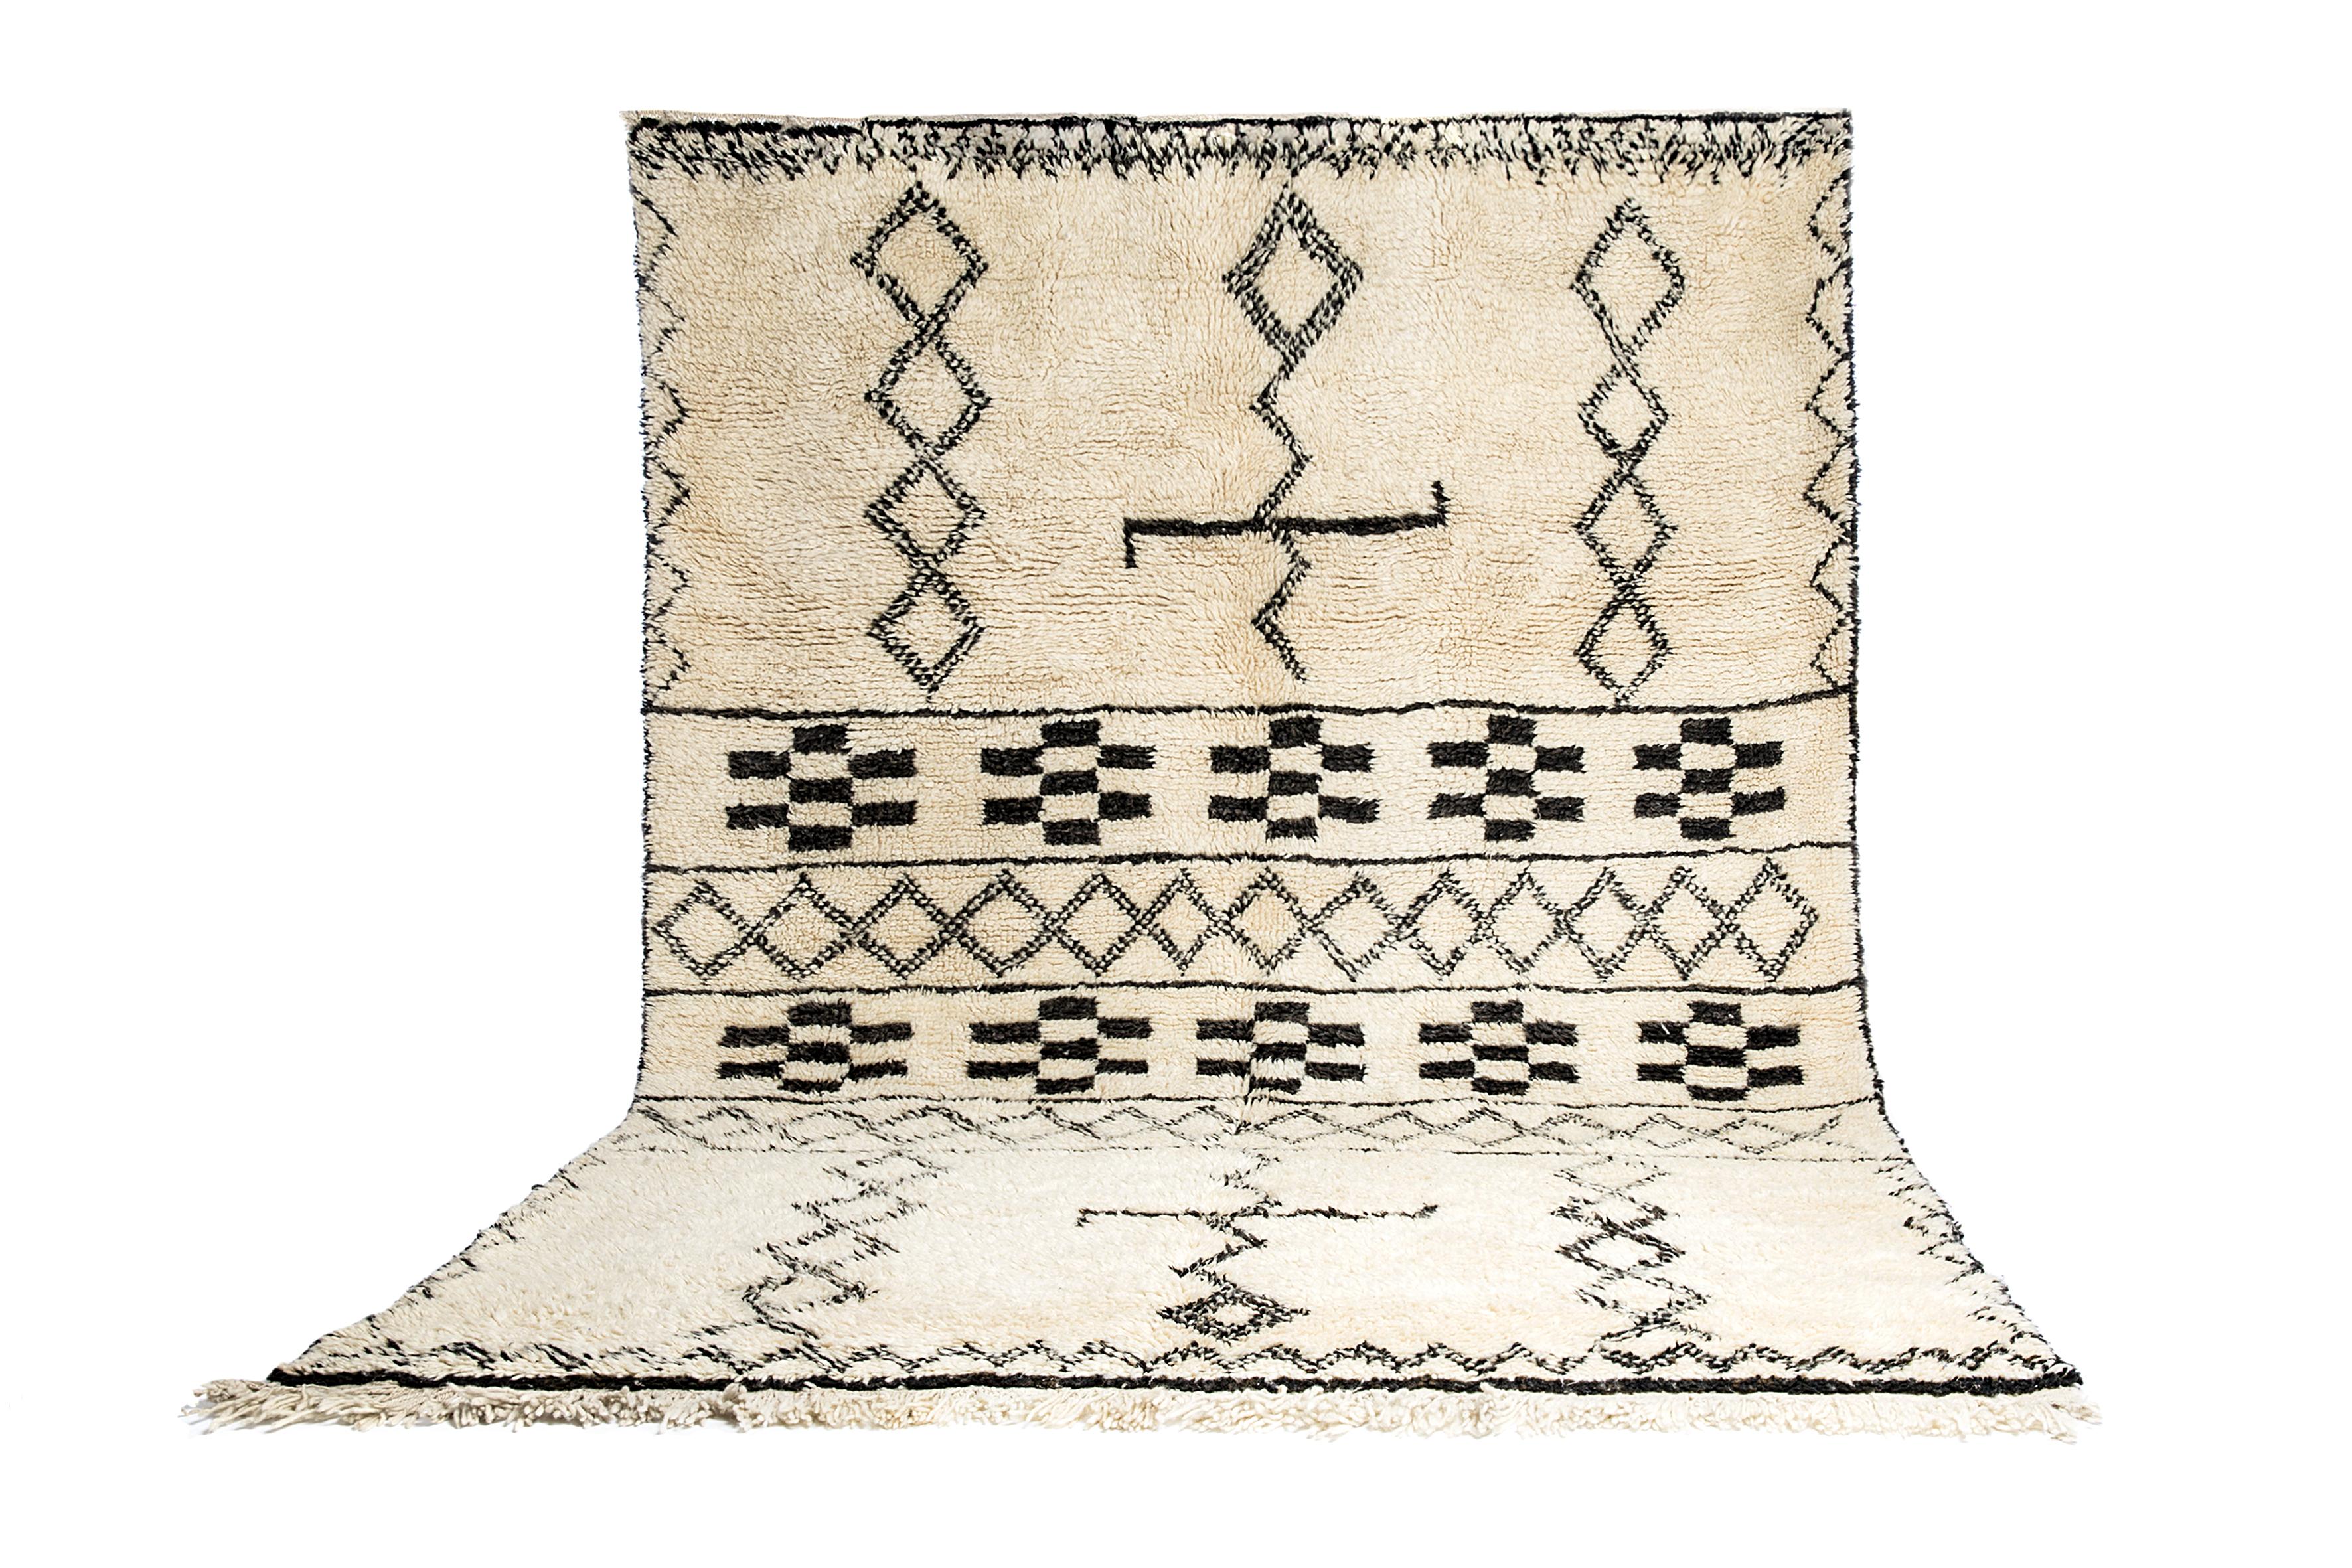 Beni Ouarain - Fantastisk Smukt håndvævet marokkansk tæppe